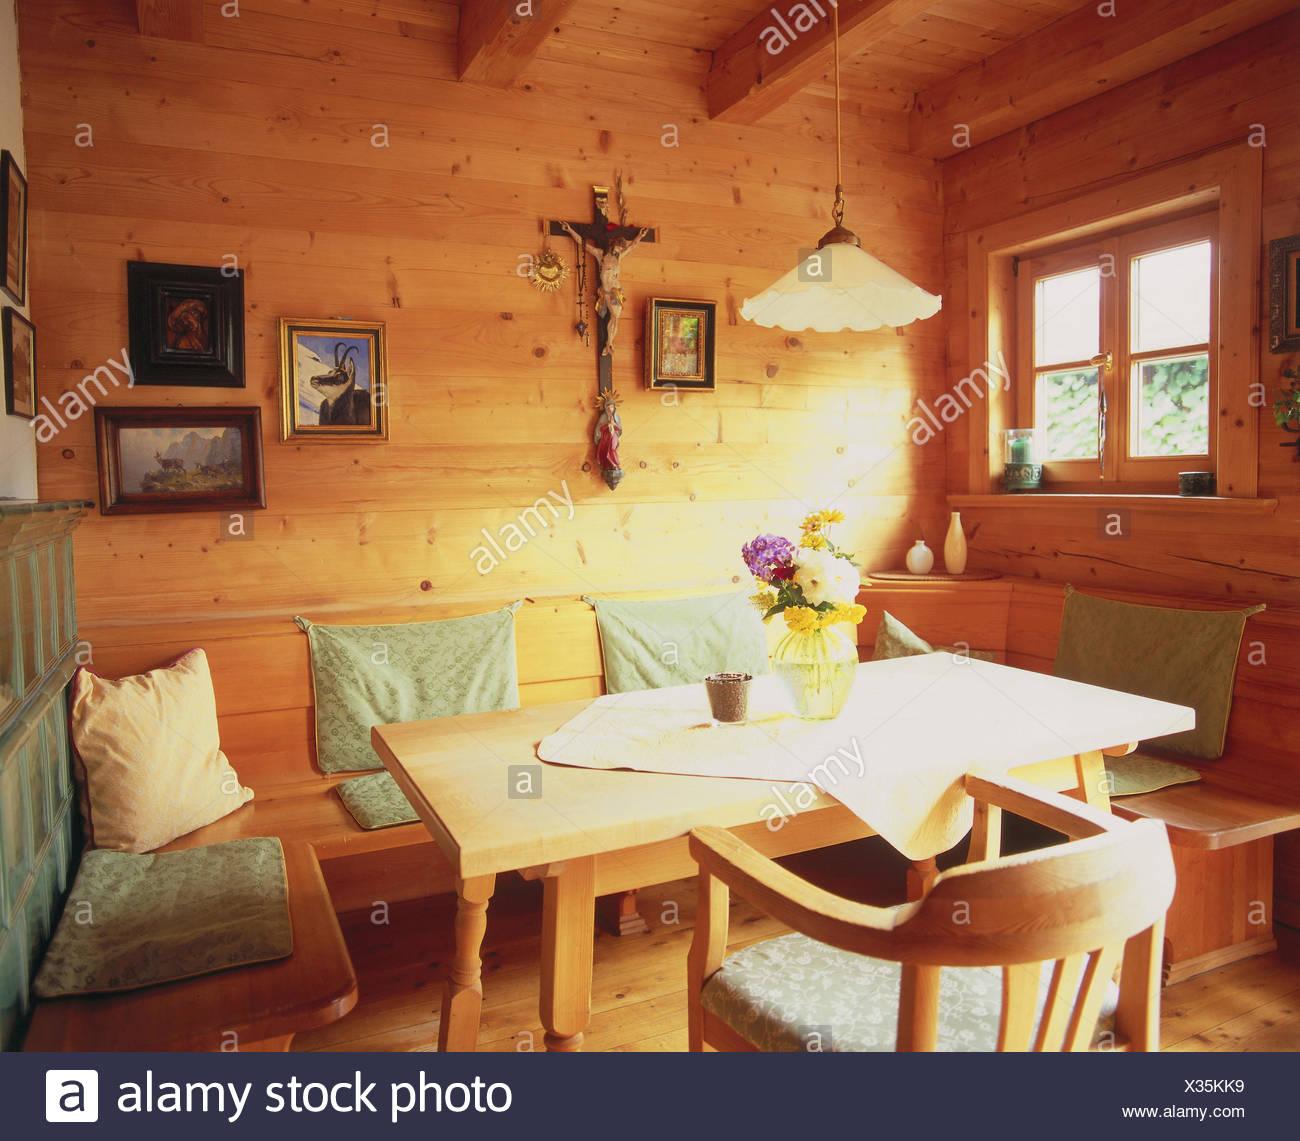 Hervorragend Küchenlampe Hängend Kuchenlampe Hangend Haus: Küche Vorhänge Landhausstil